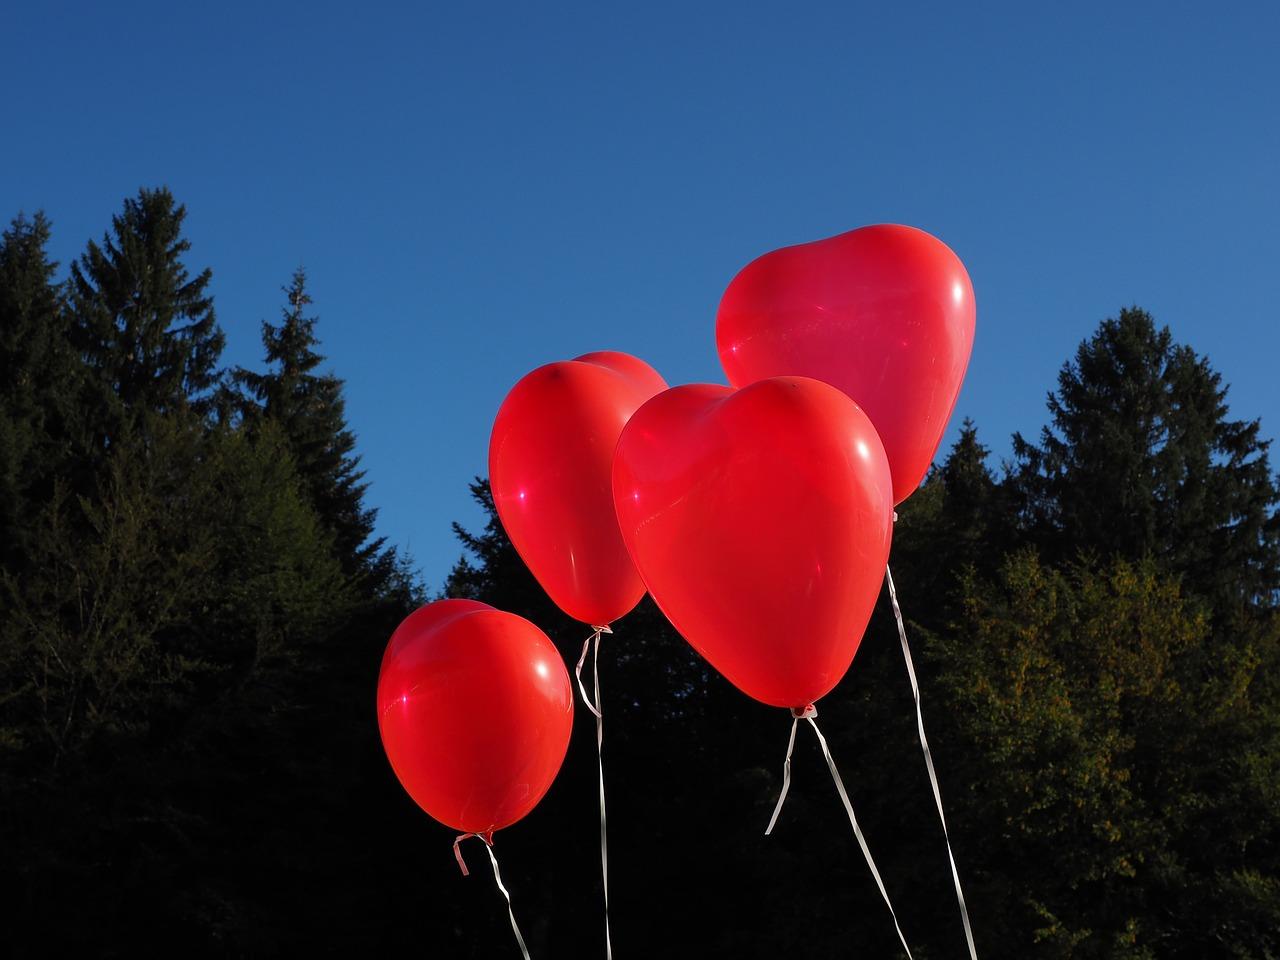 balloons-693772_1280